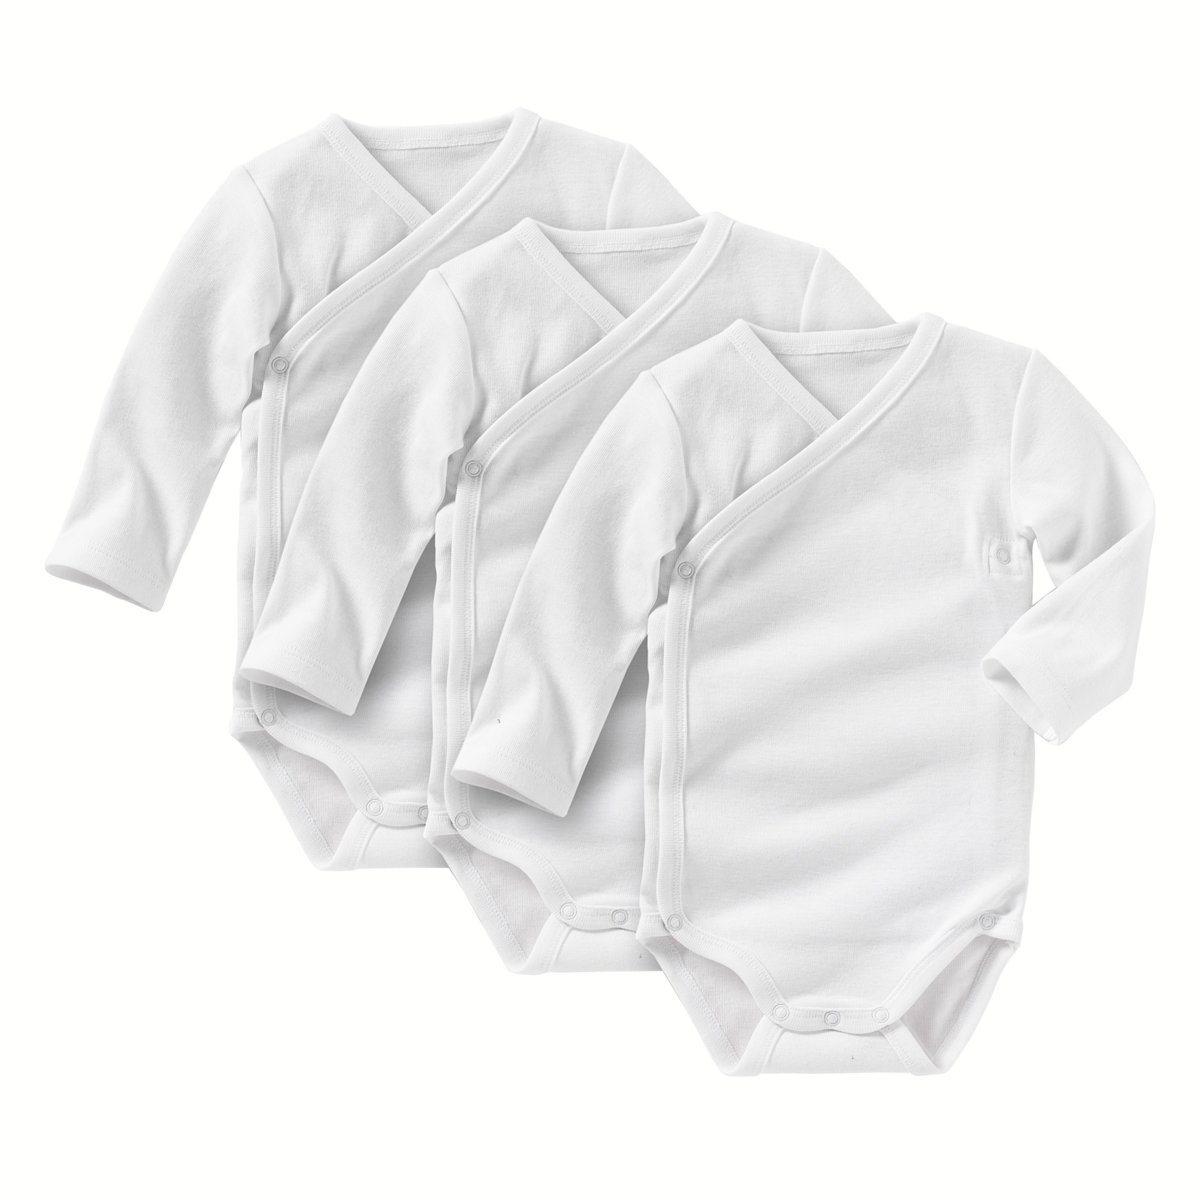 Комплект из 3 боди на возраст от 0 месяцев до 3 летБоди с длинными рукавами, 100% хлопка. Застежка спереди и застежка на кнопки по внутр.шву.<br><br>Цвет: белый